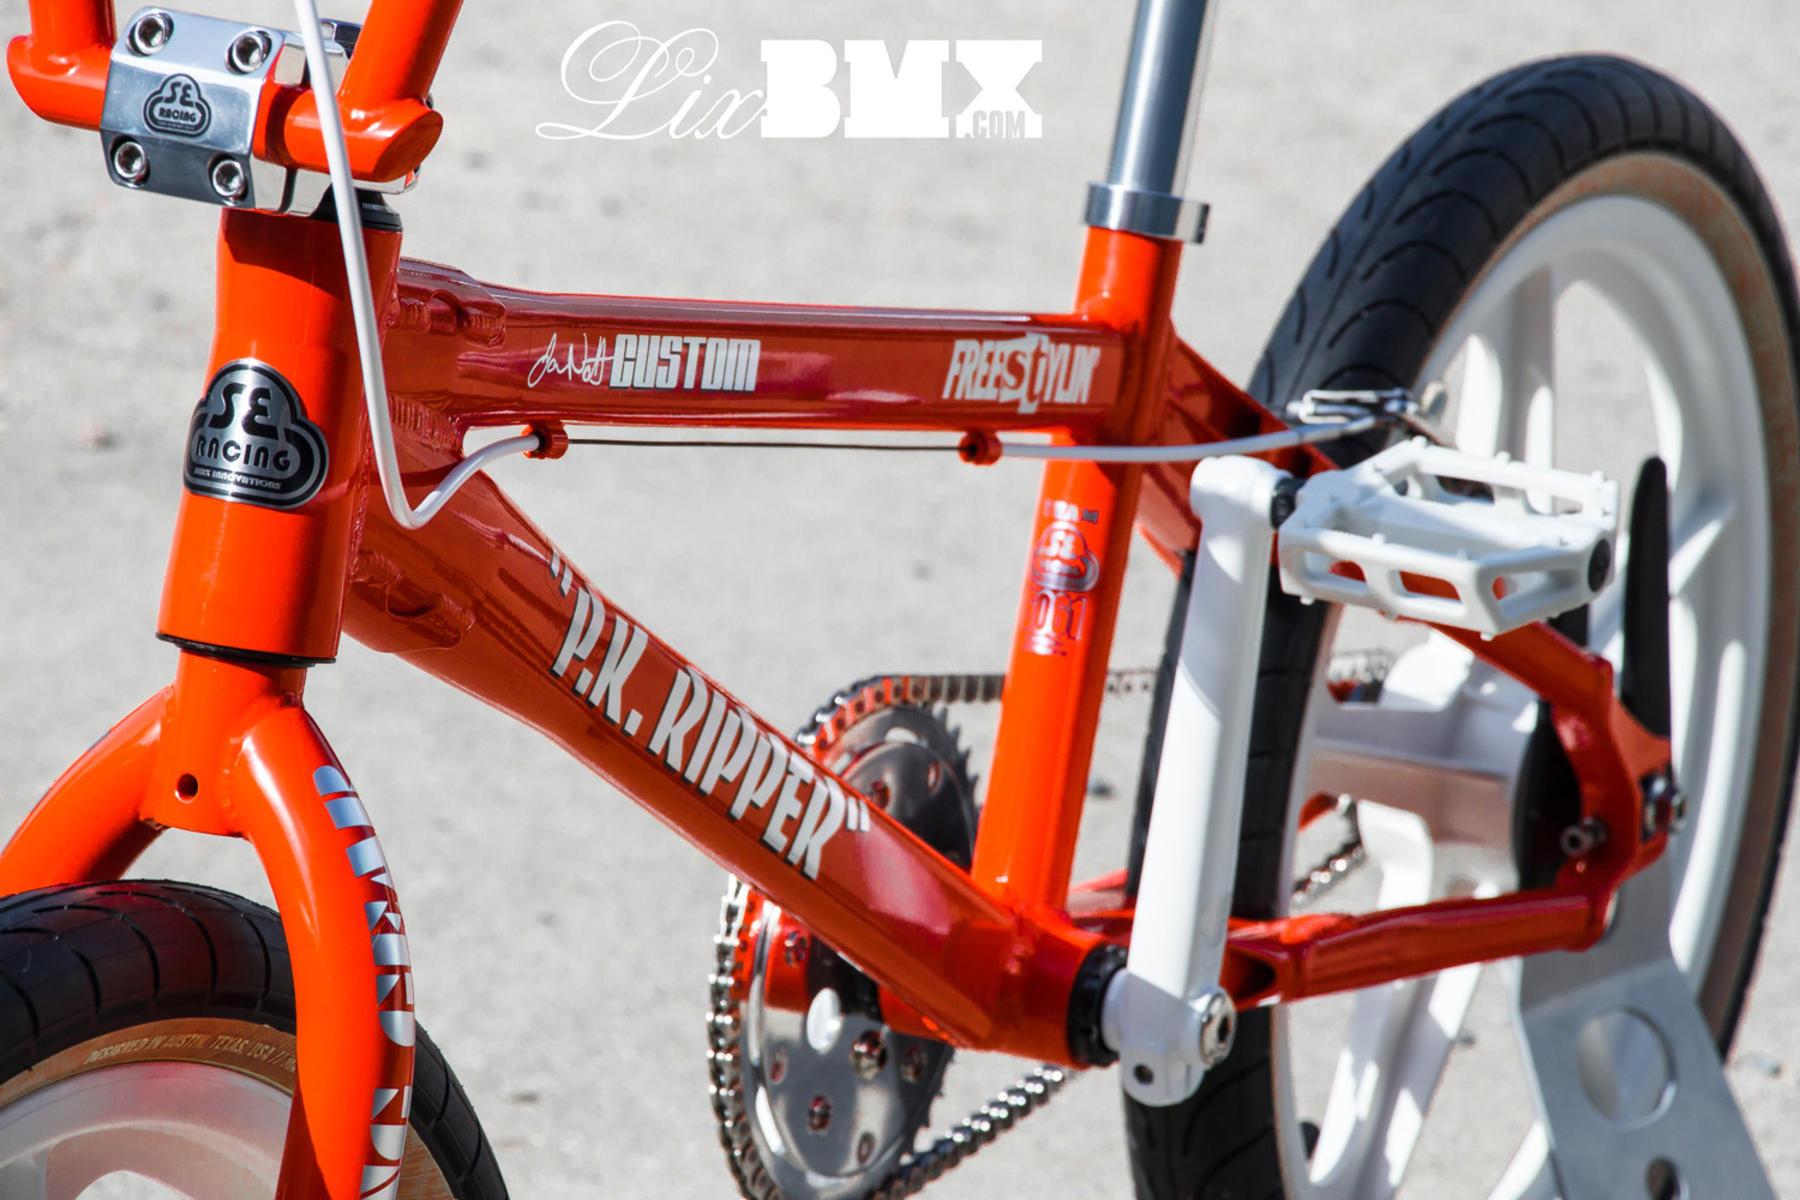 Chevy T Shirts >> 2007 SE Racing P.K. Ripper Team - BMXmuseum.com